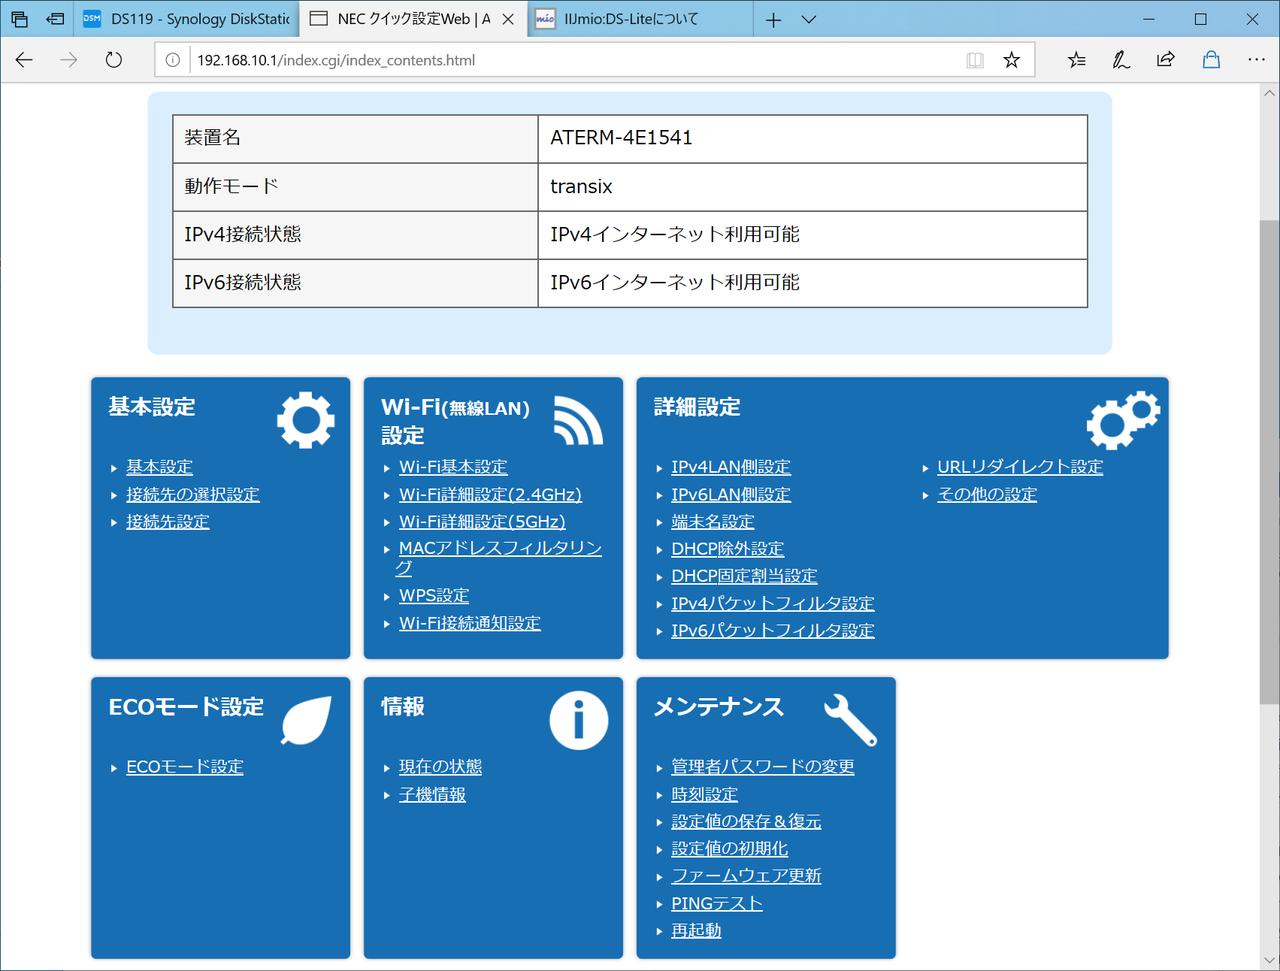 transixが選択されると、ポートマッピングやUPnPが無効化され、設定が表示されなくなる